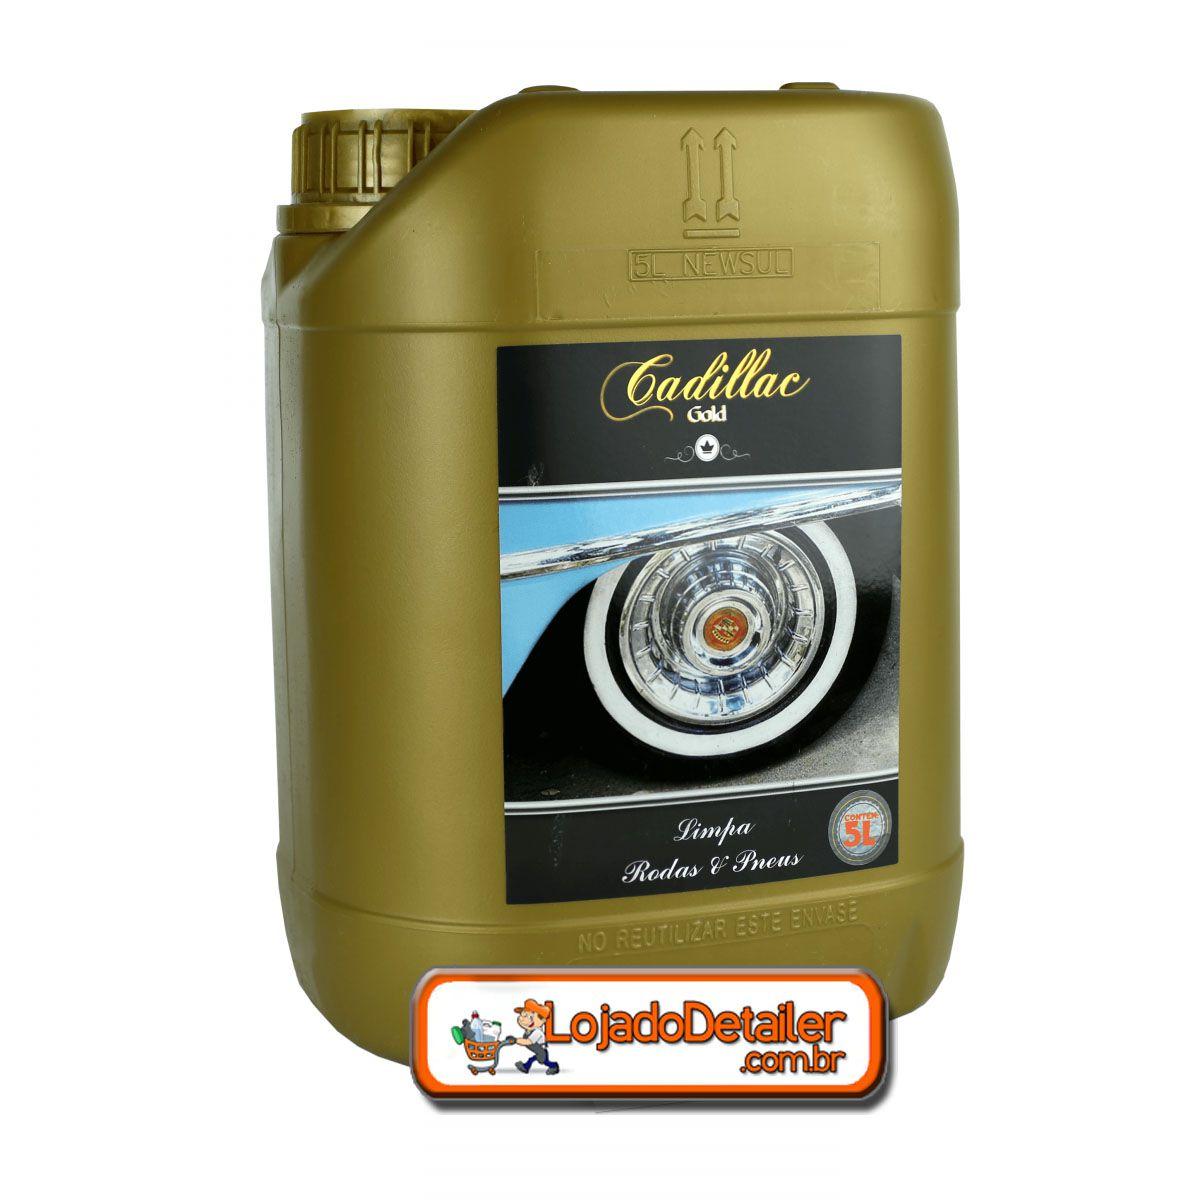 Limpa Rodas e Pneus - Cadillac - 5L